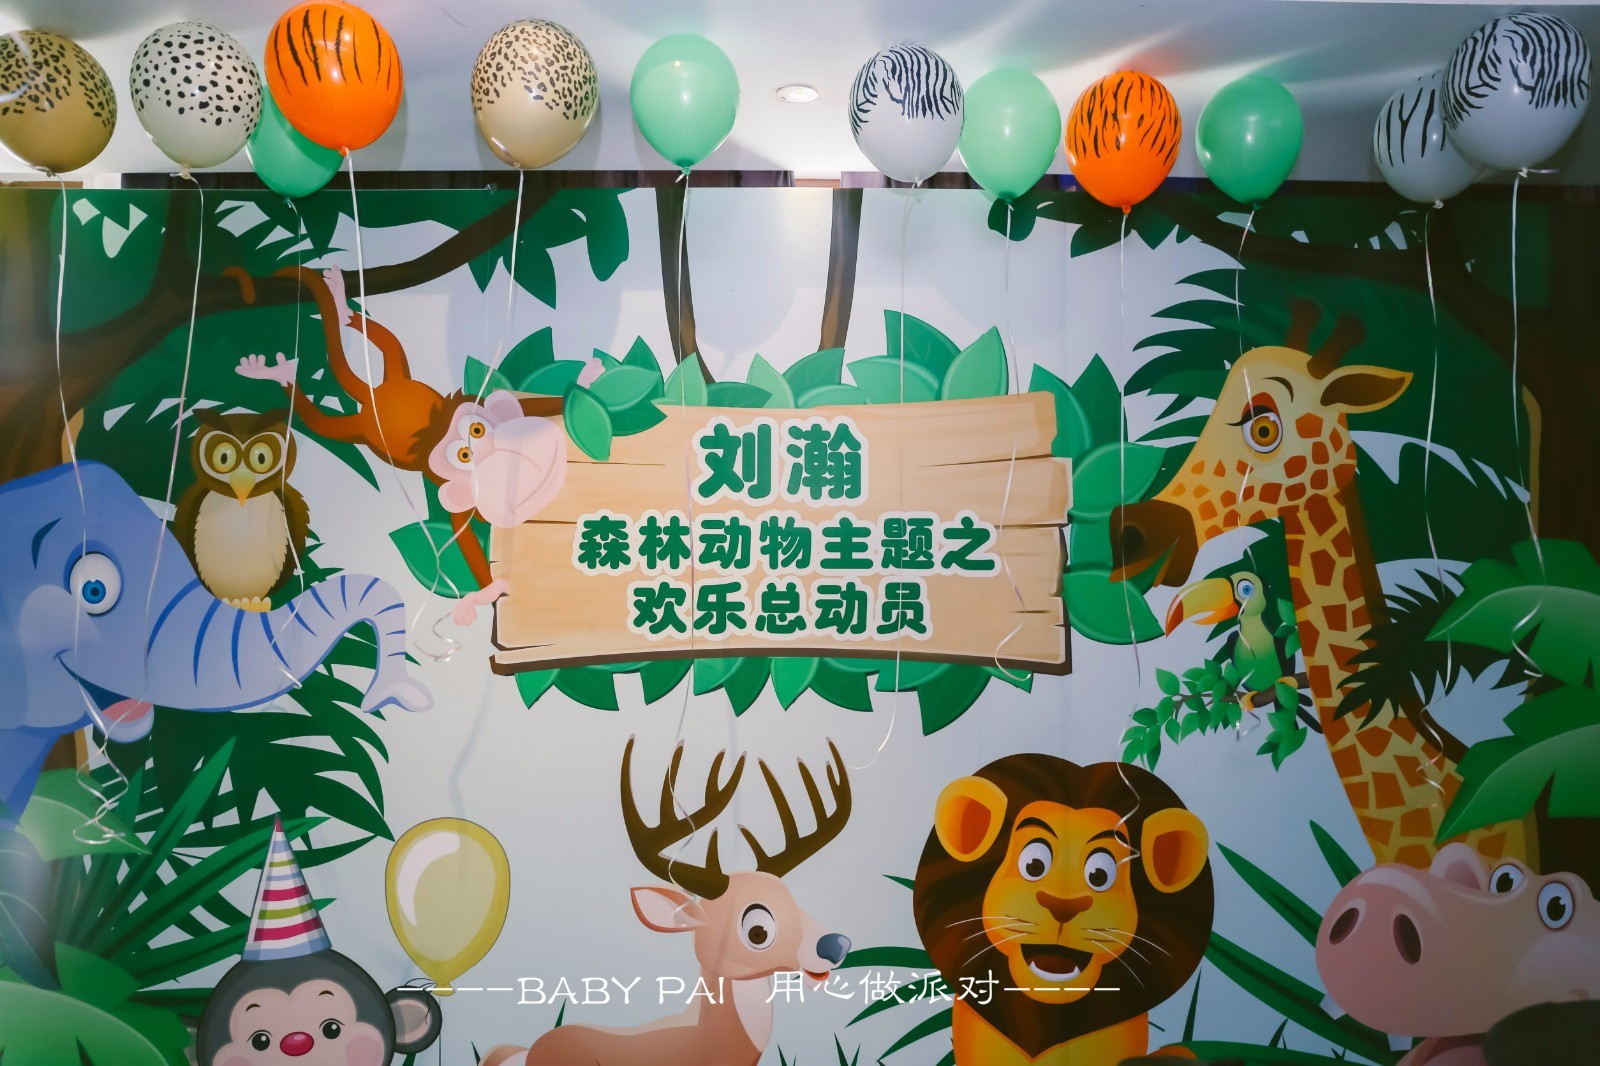 babypai出品森林动物主题生日派对火了